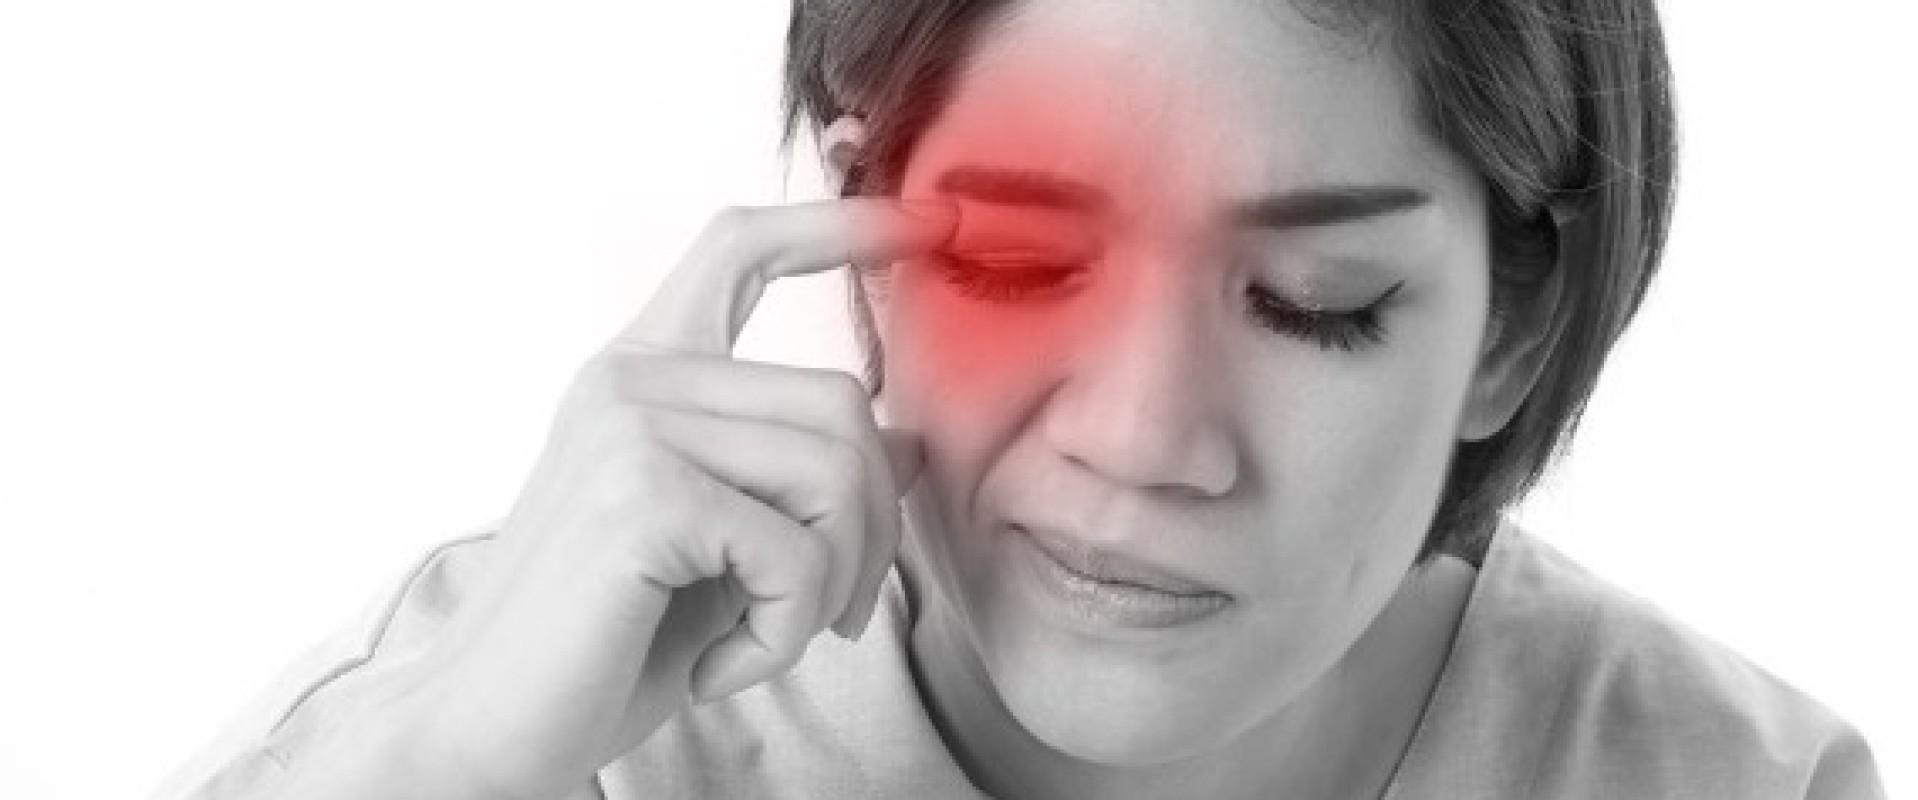 Wat is de echte oorzaak van oogziektes en andere kwalen?